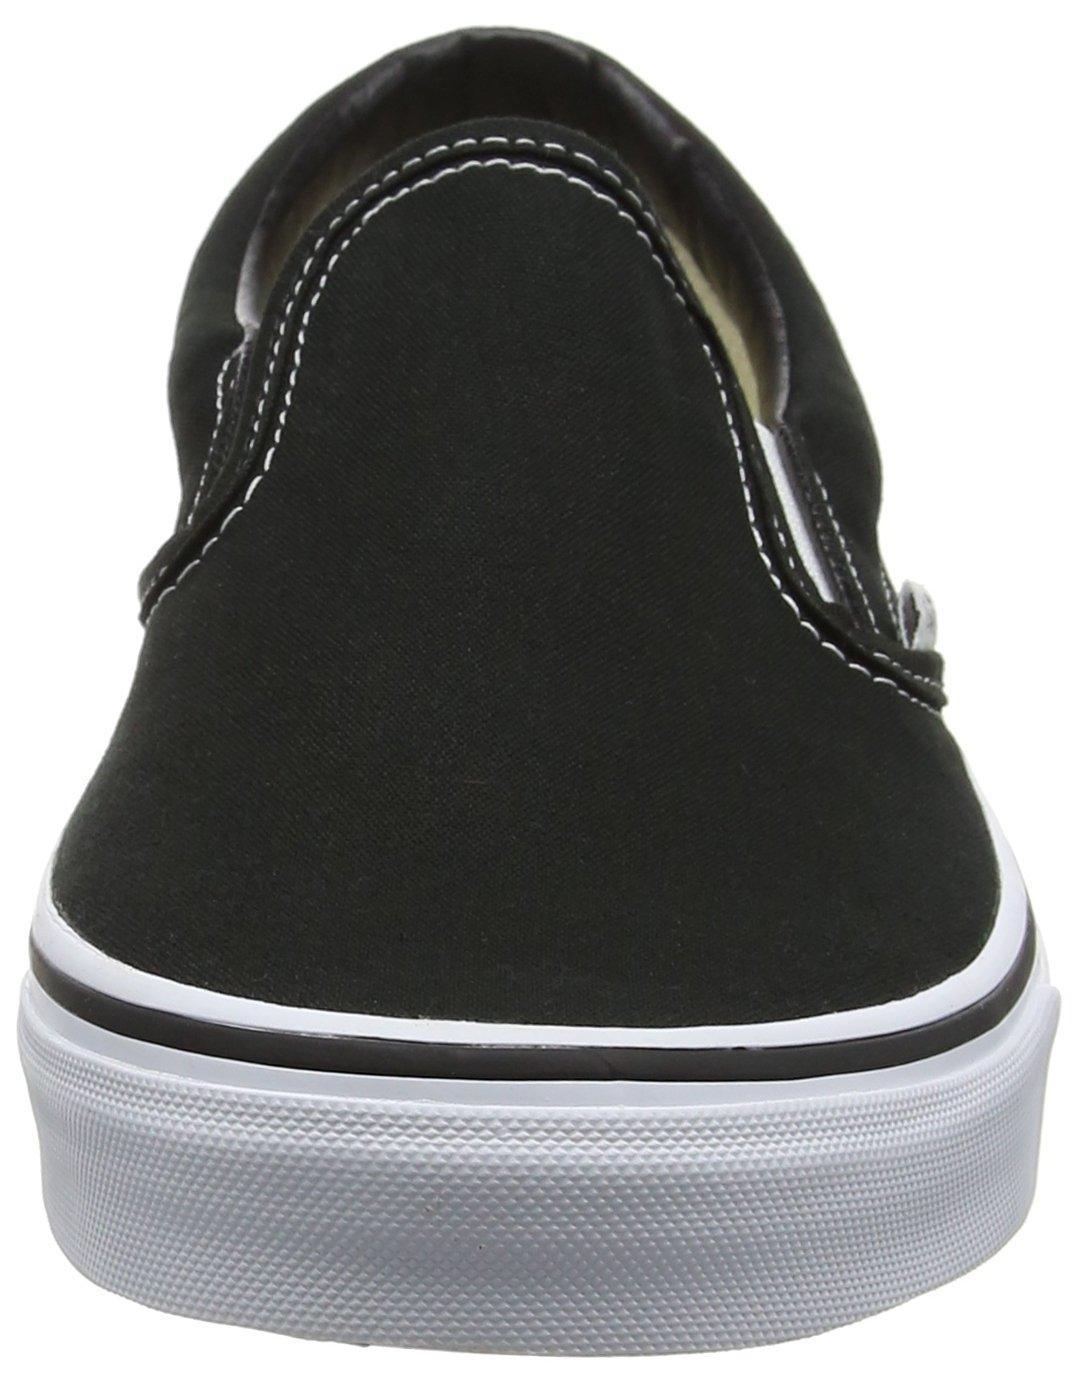 Vans Classic Slip-On Skate Shoes B075B4BBR6 7 M US Women / 5.5 M US Men Black White